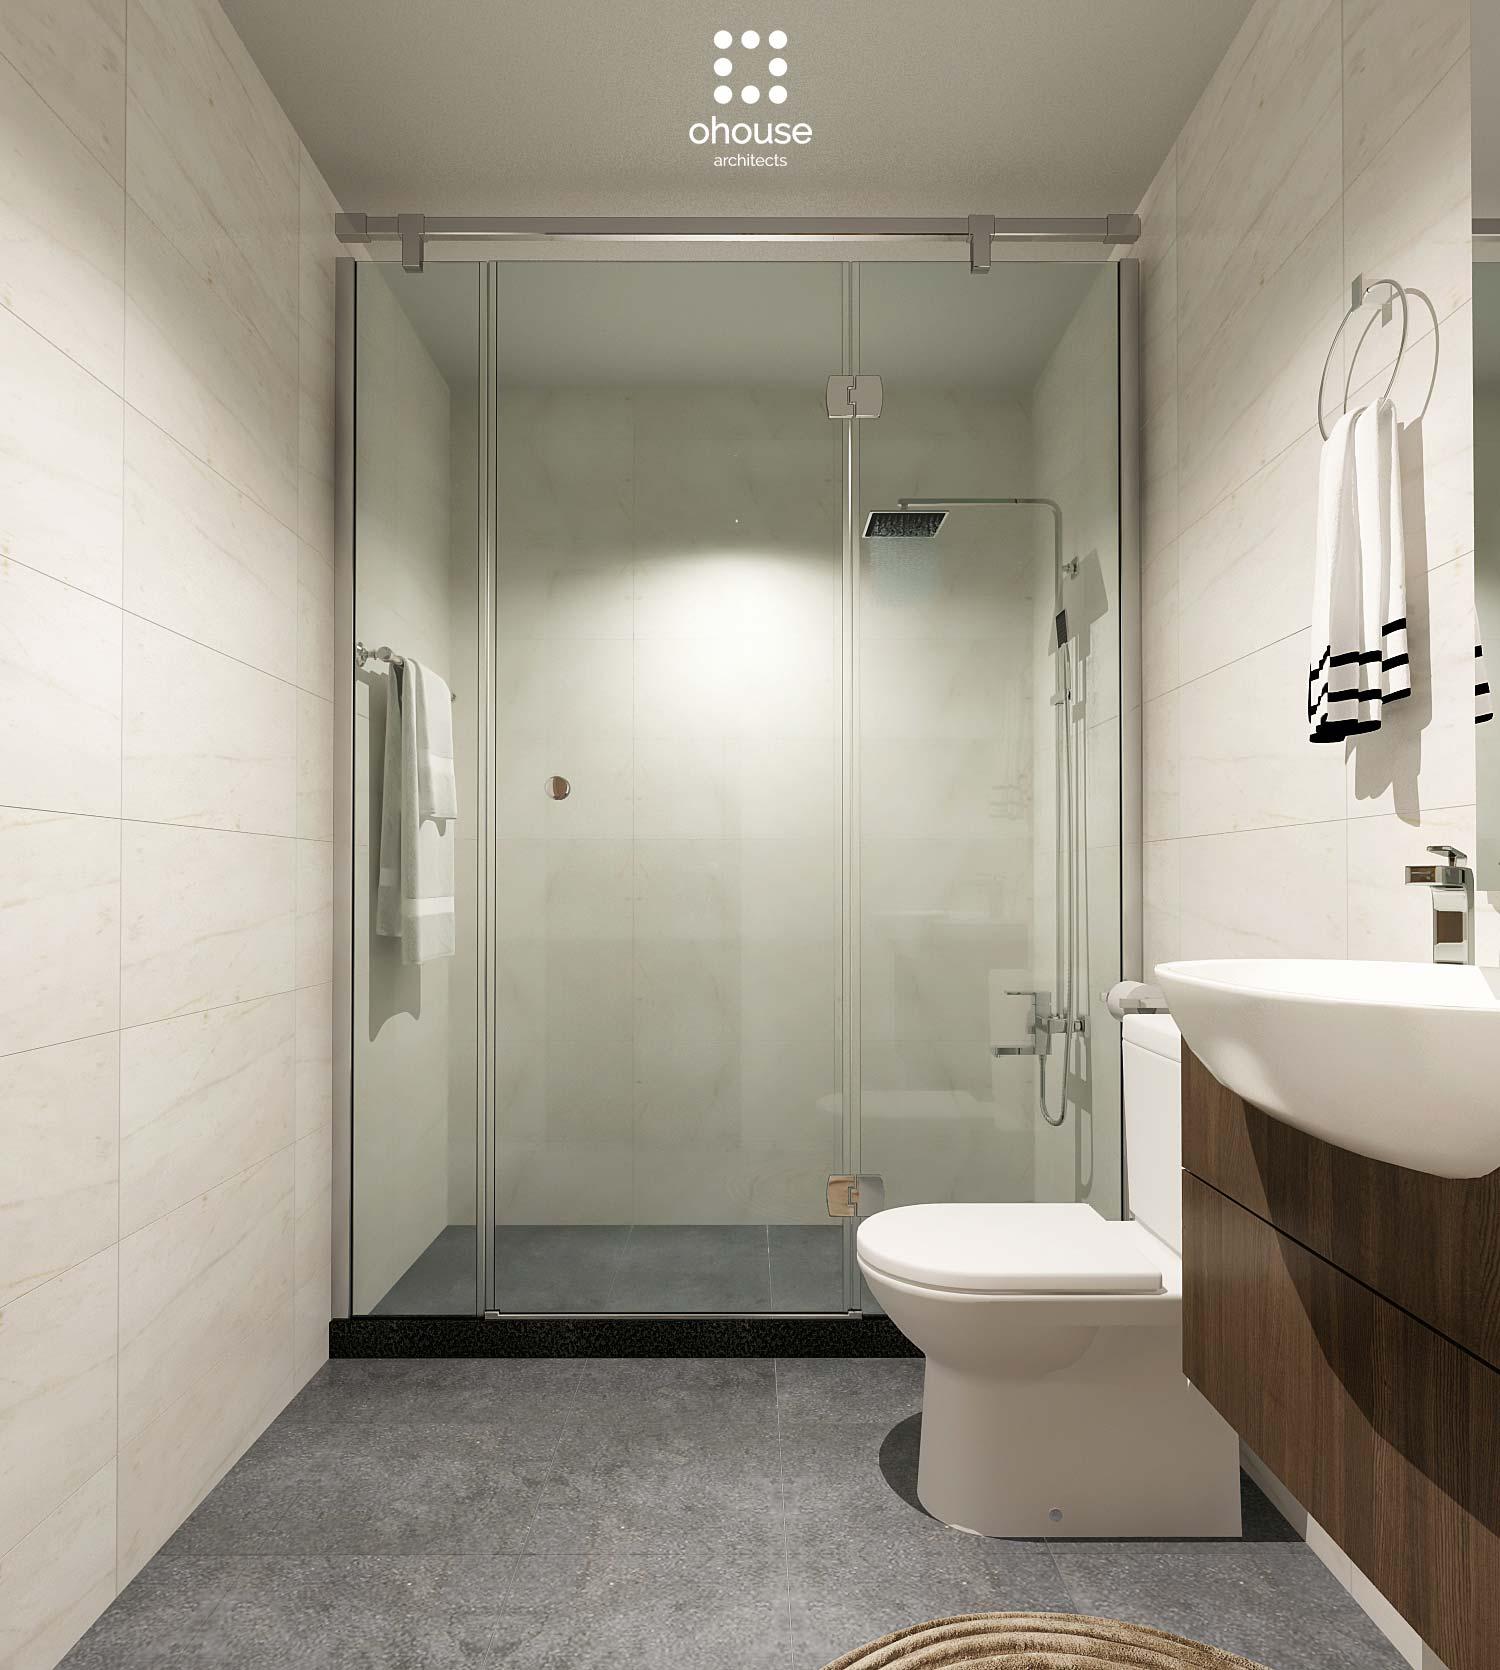 thiết kế nội thất chung cư tại Hồ Chí Minh Trung Apartment 11 1566995052